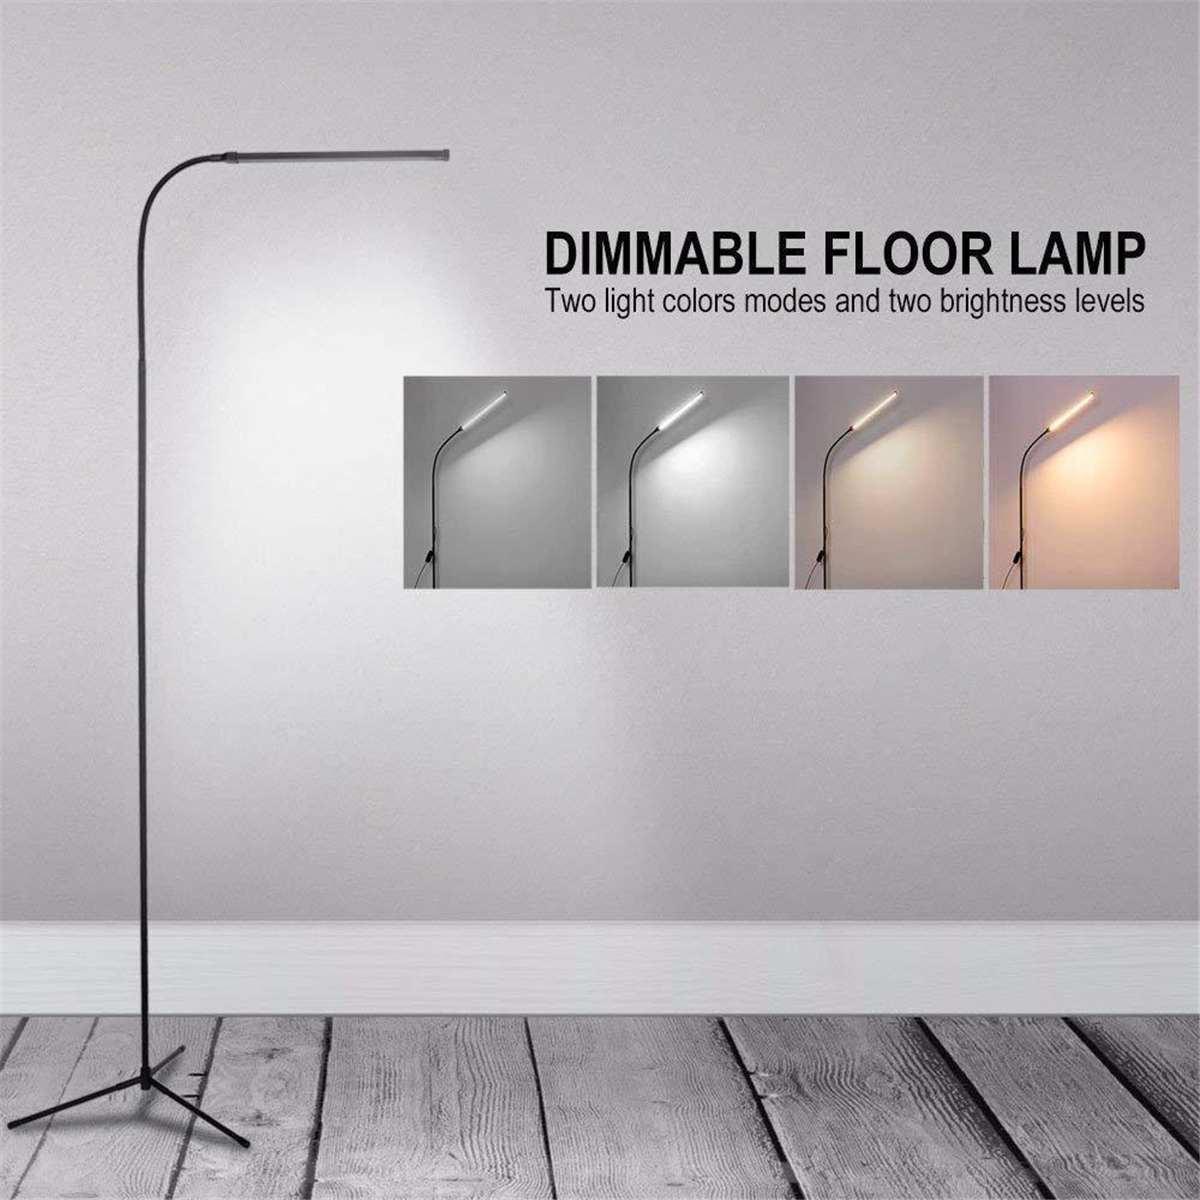 Moderne tactile LED lampadaire debout lecture pour salon chambre Dimmable lampe sur pied lampe de table lampadaires noir/blanc